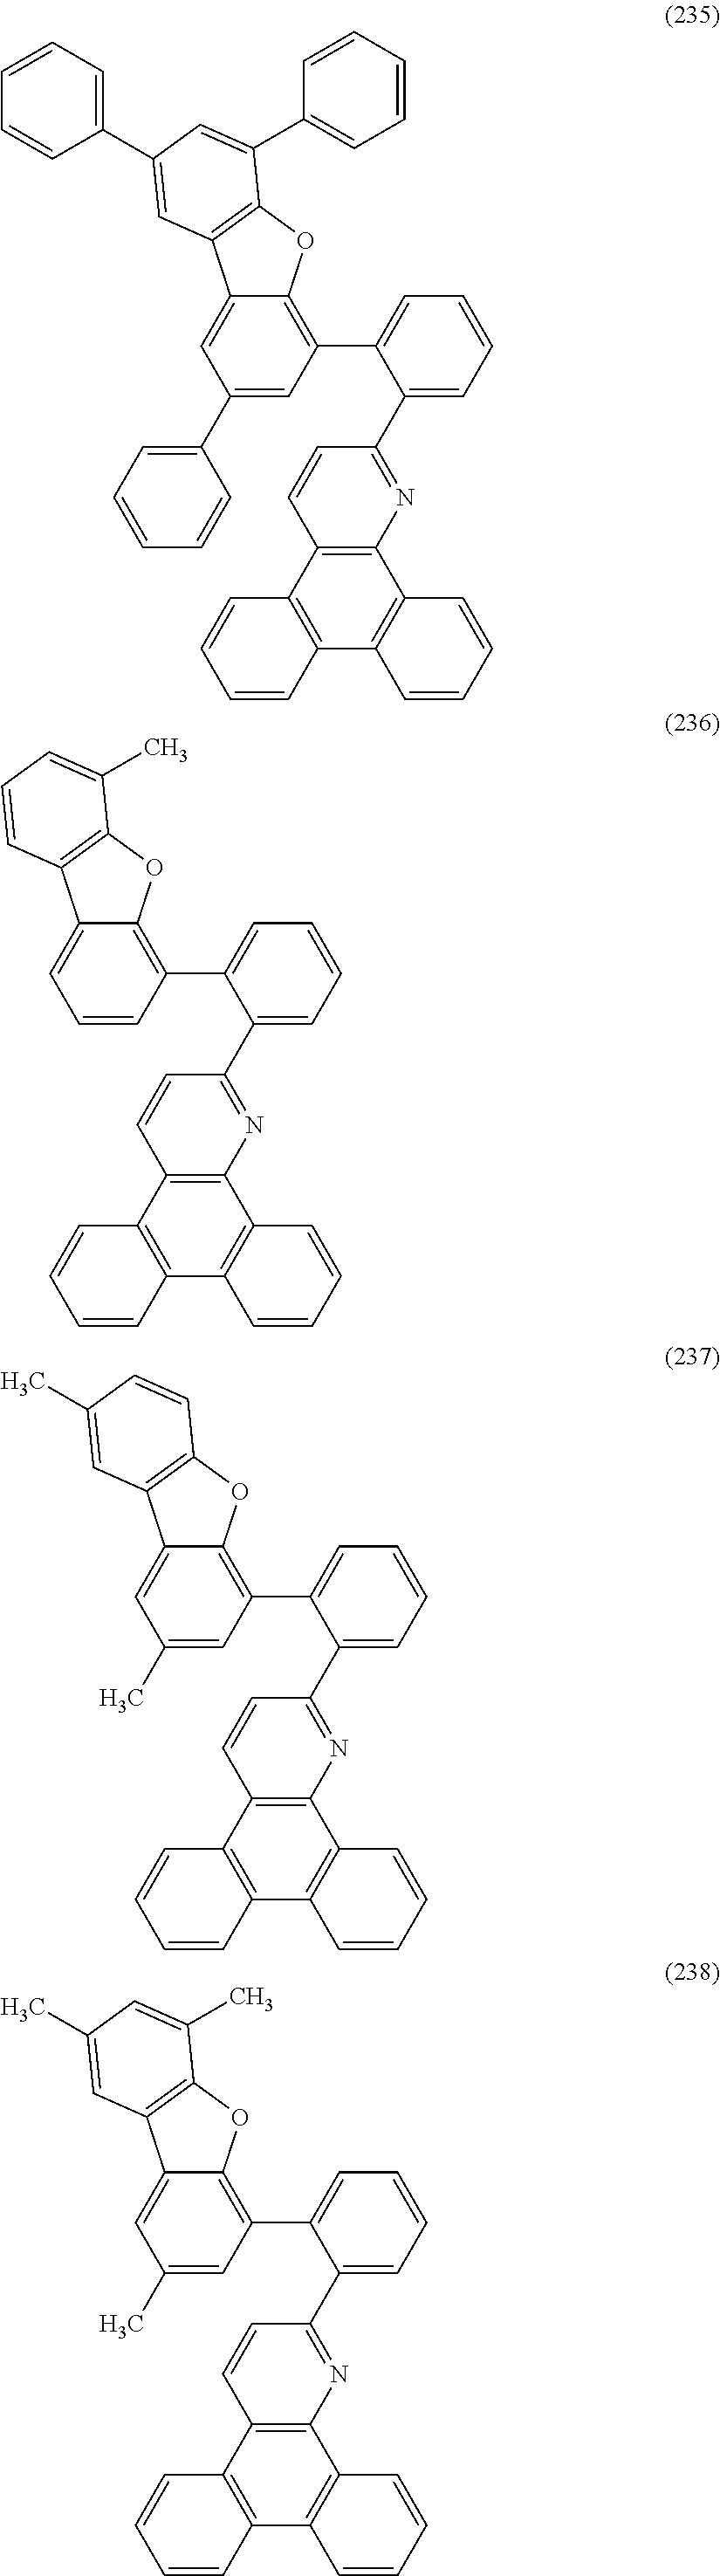 Figure US09843000-20171212-C00045